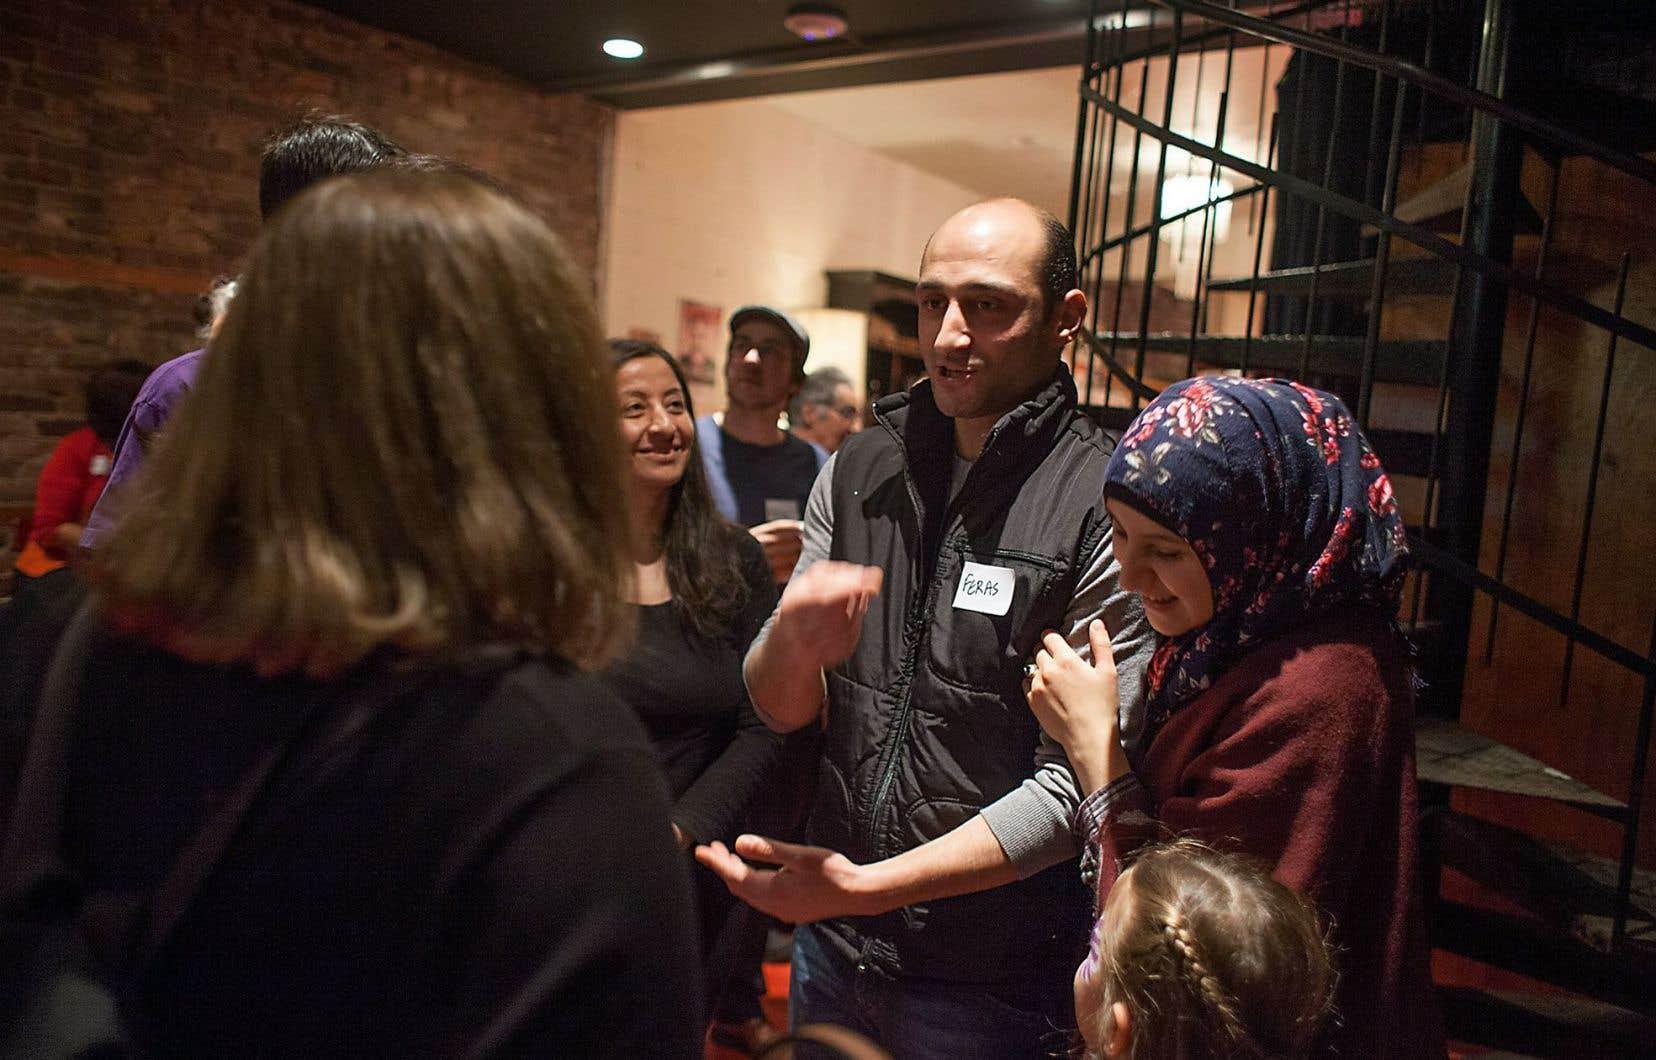 La famille Darwish (les parents, Feras et Marwa, au centre), originaire d'Alep, a été célébrée samedi au théâtre Sainte-Catherine entourée de plusieurs personnes qui ont contribué à assurer leur venue à Montréal.